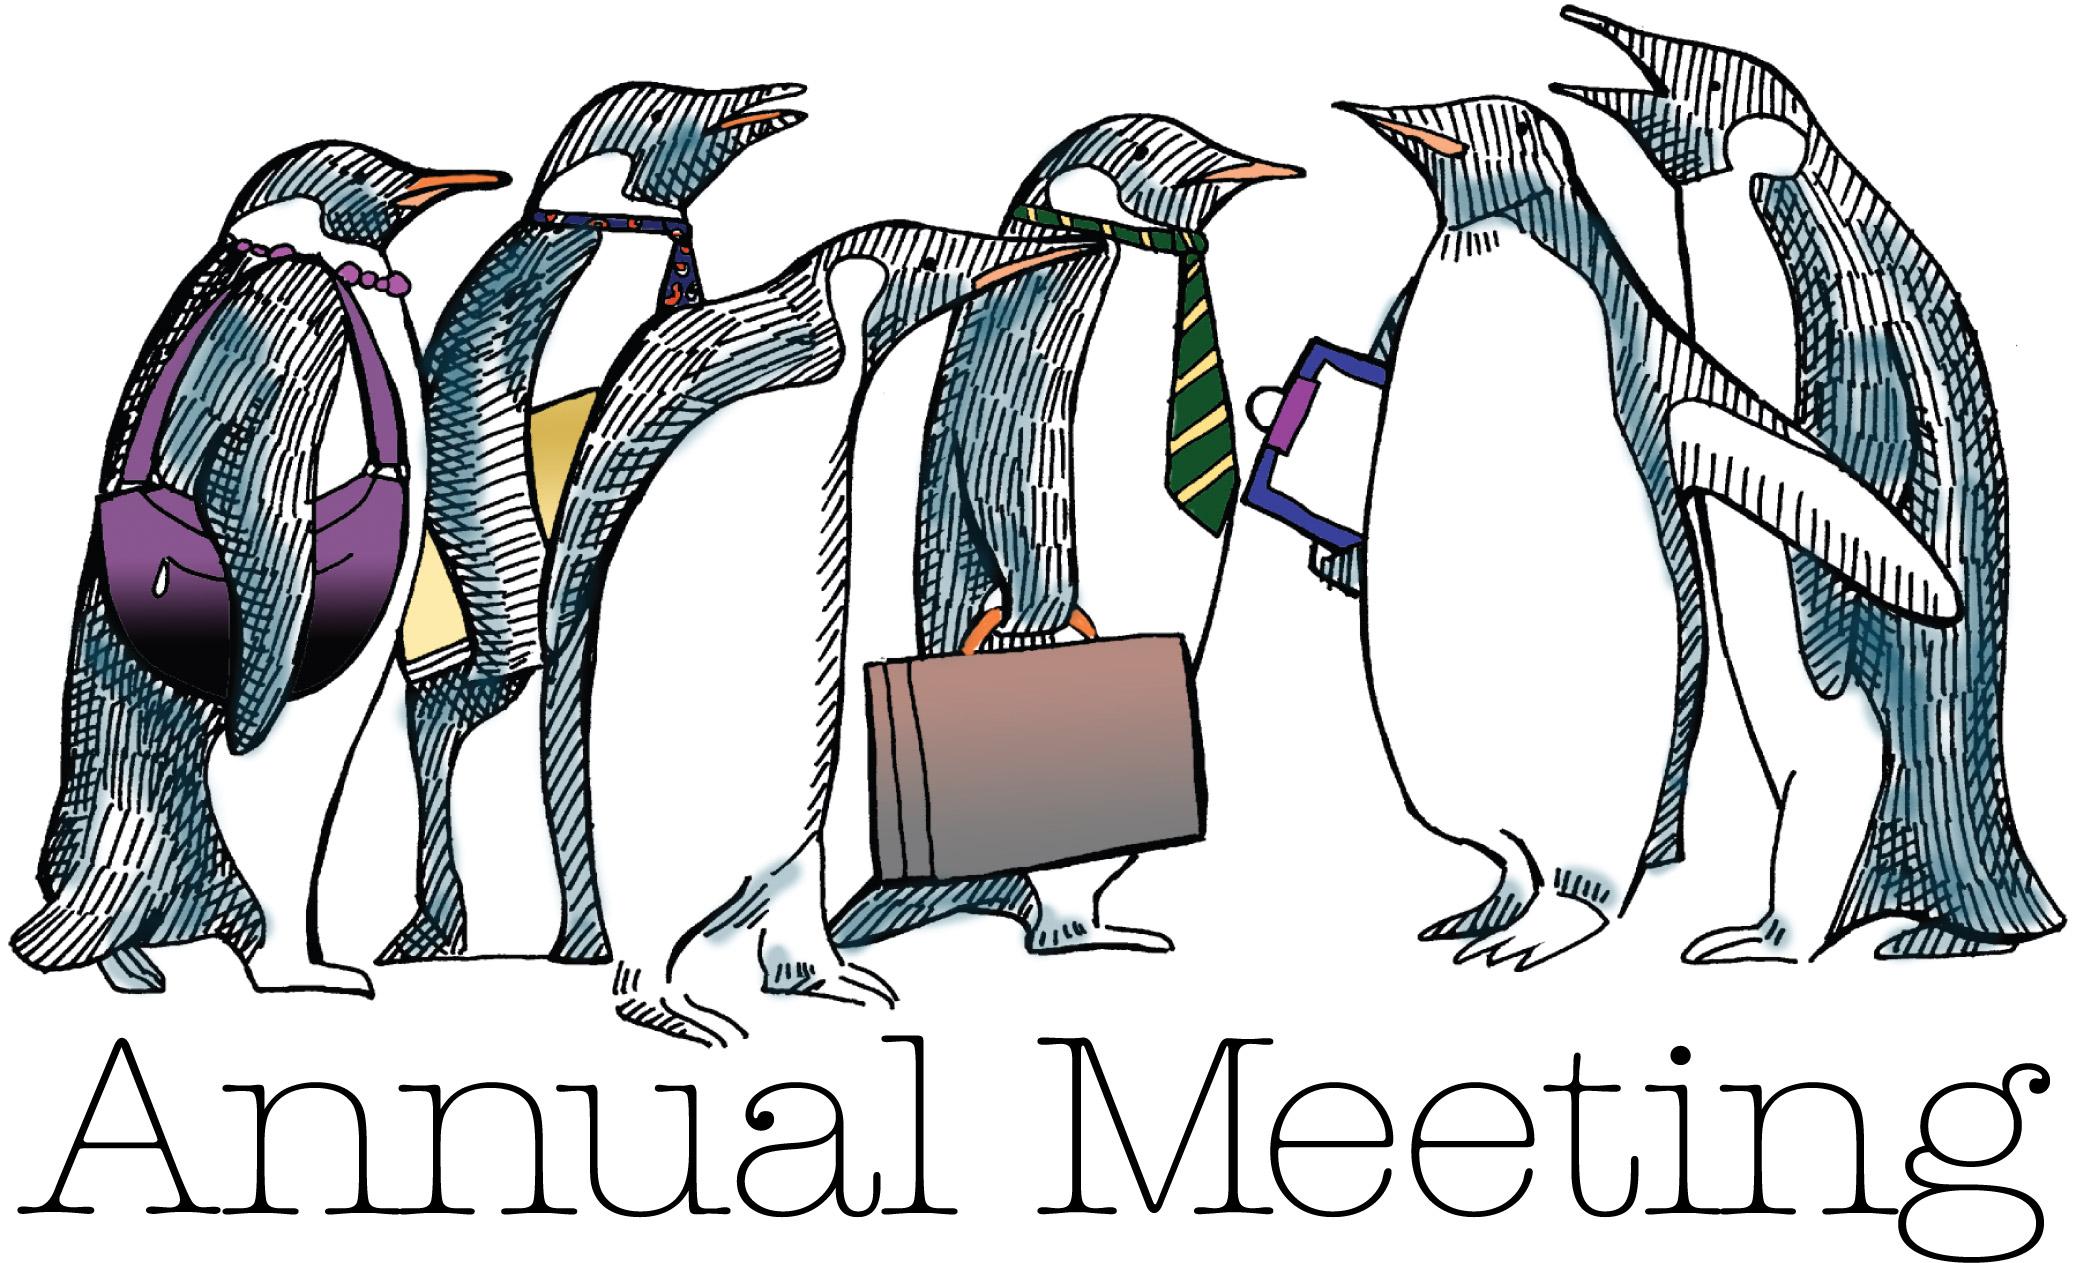 Annual Meeting Clipart - Clipart Kid